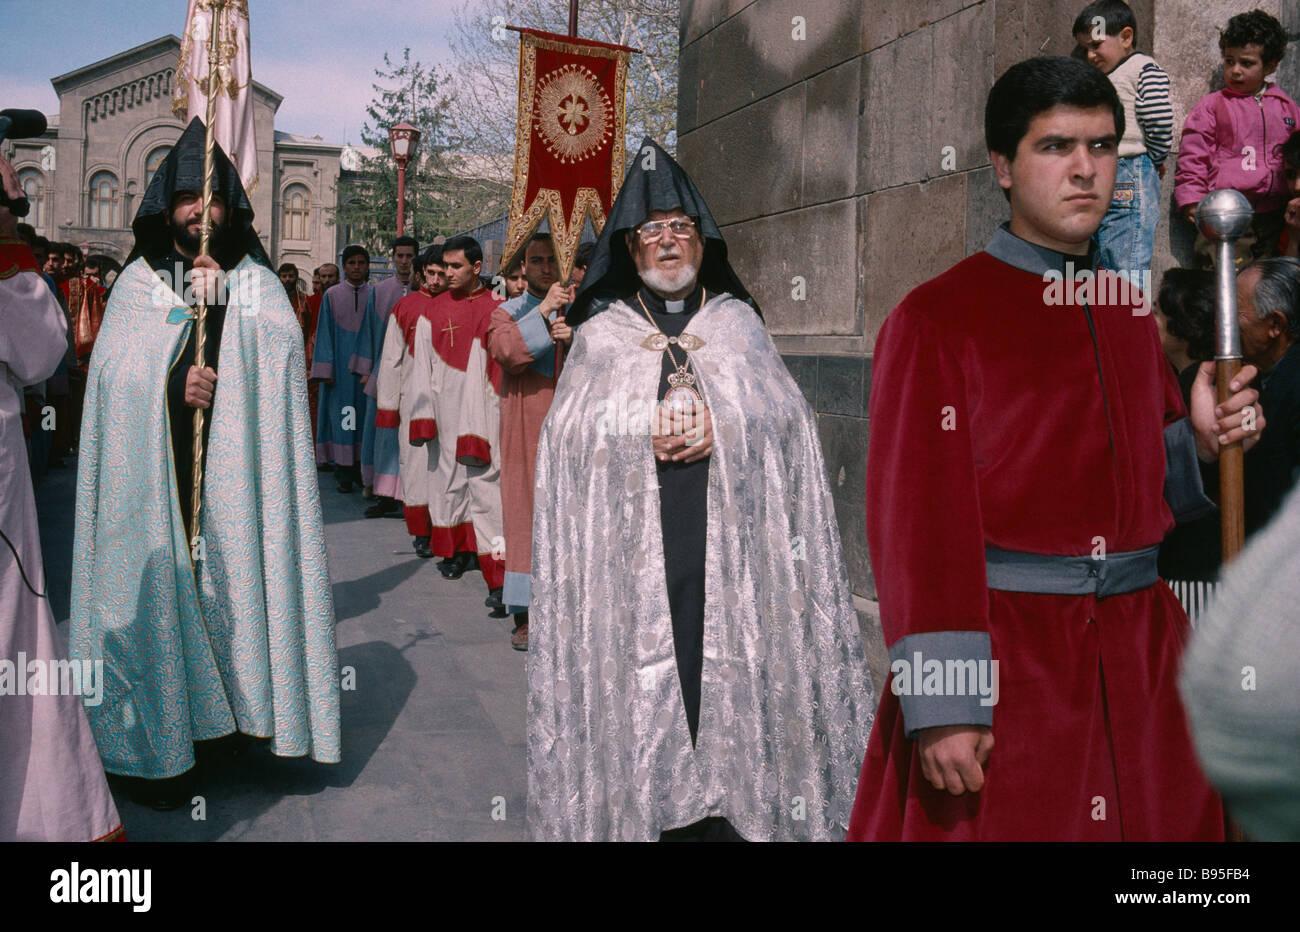 ARMENIA Central Asia Etchmiadzin Apostolic Orthodox Easter